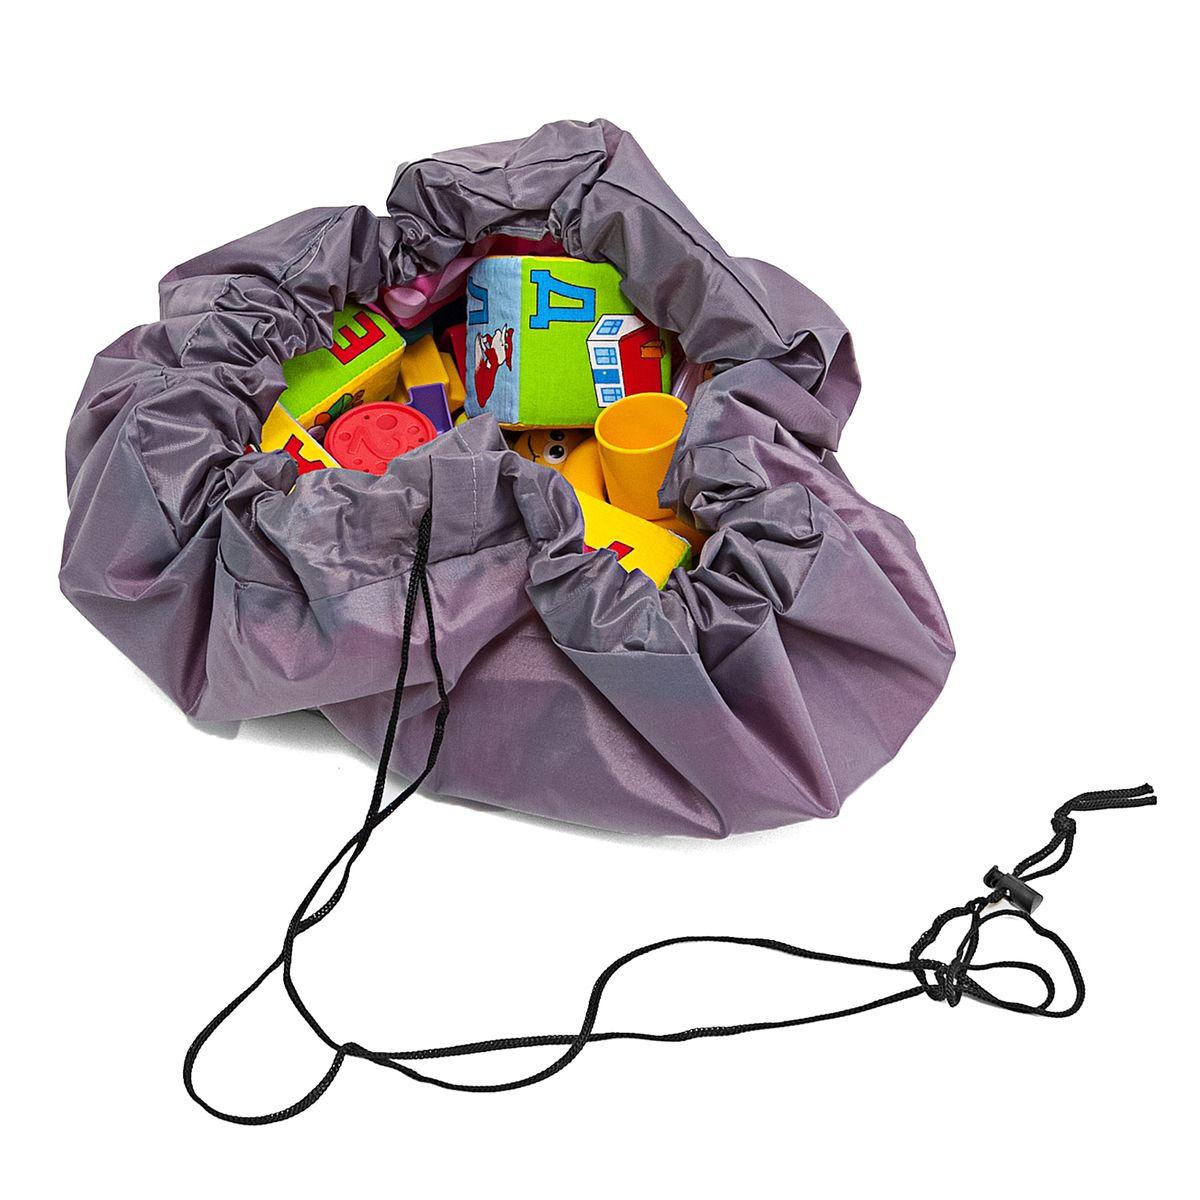 Сумка-коврик Homsu Лужайка, цвет: розовый, 80х80 смR-104Сумка-коврик это оригинальный способ хранения и транспортировки детских игрушек. В разложенном состоянии - это поле для игры, а когда нужно собрать игрушки, он затягивается на шнурок и превращается в удобную сумку. Выполнен из прочного, но мягкого канваса. Размер изделия: 80х80см